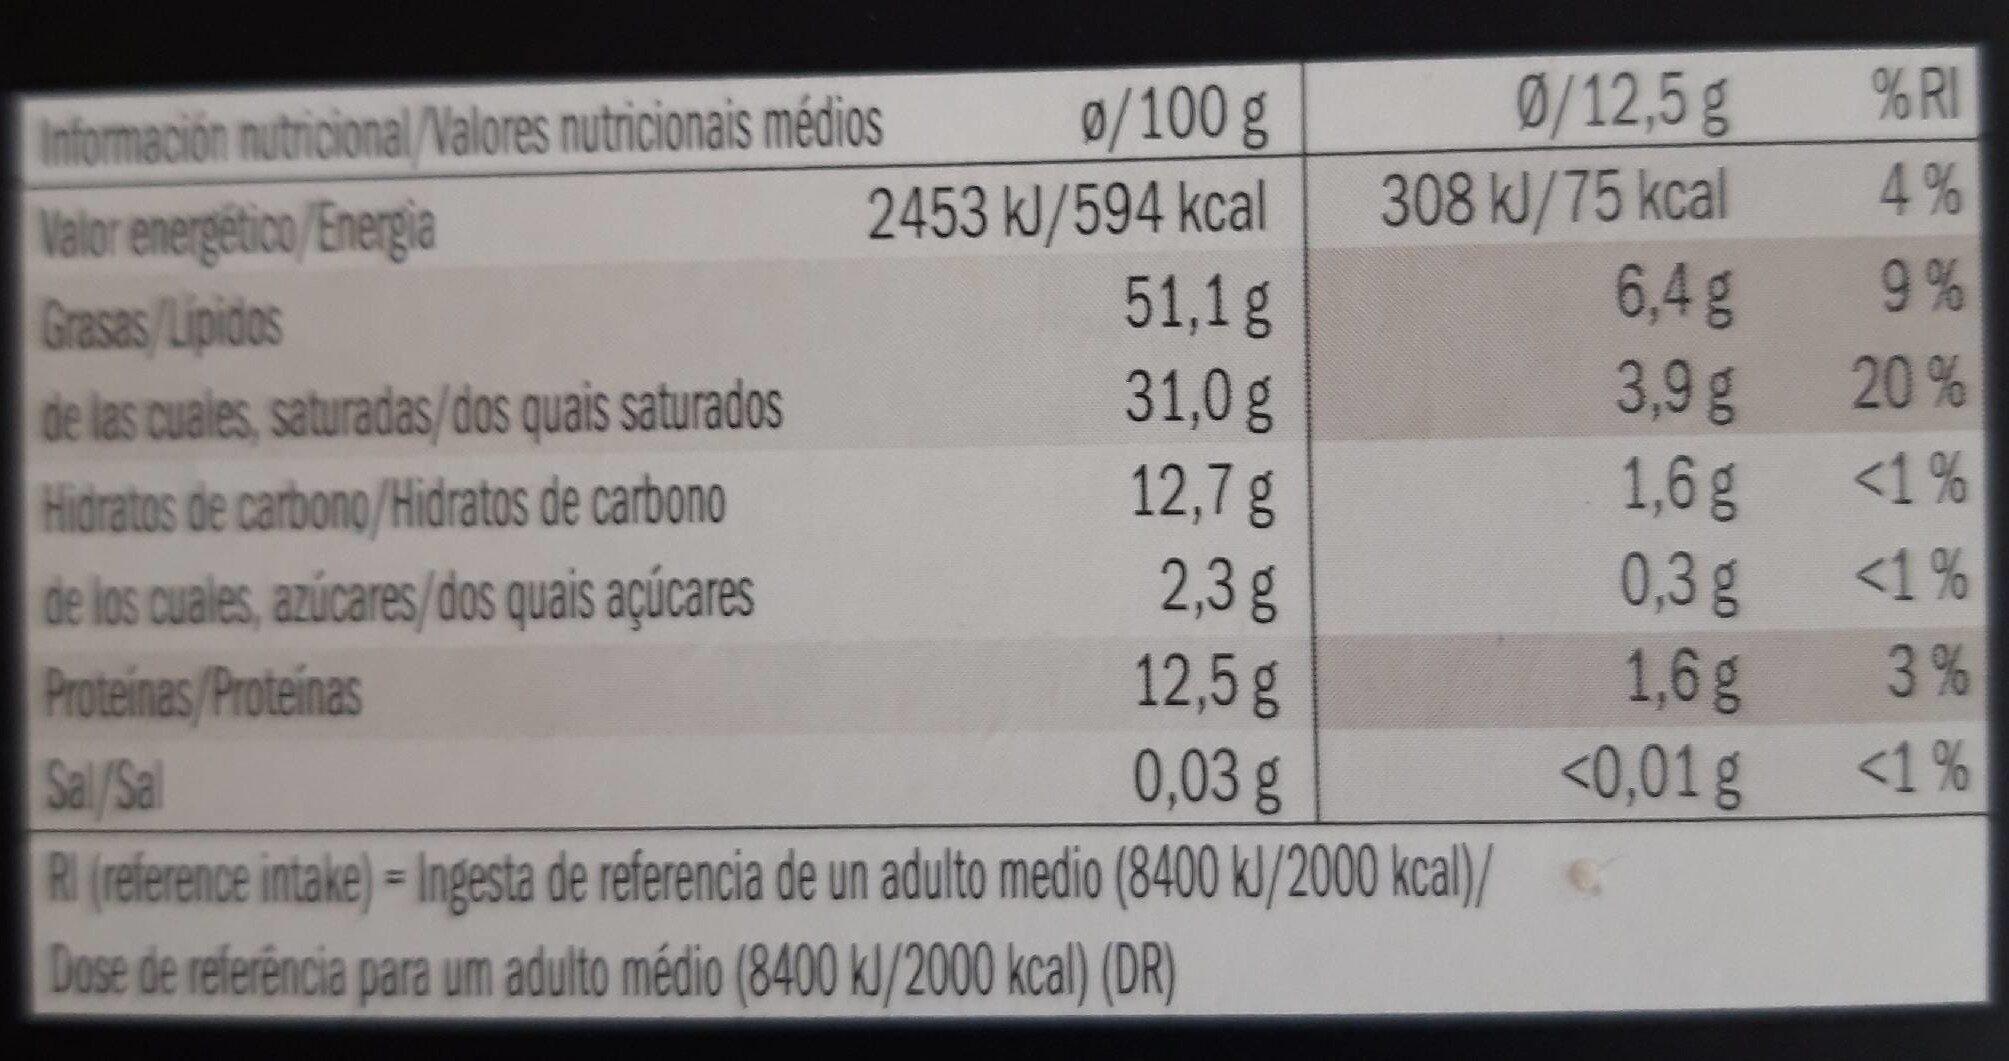 Chocolate negro Lidl 95% cacao - Información nutricional - fr